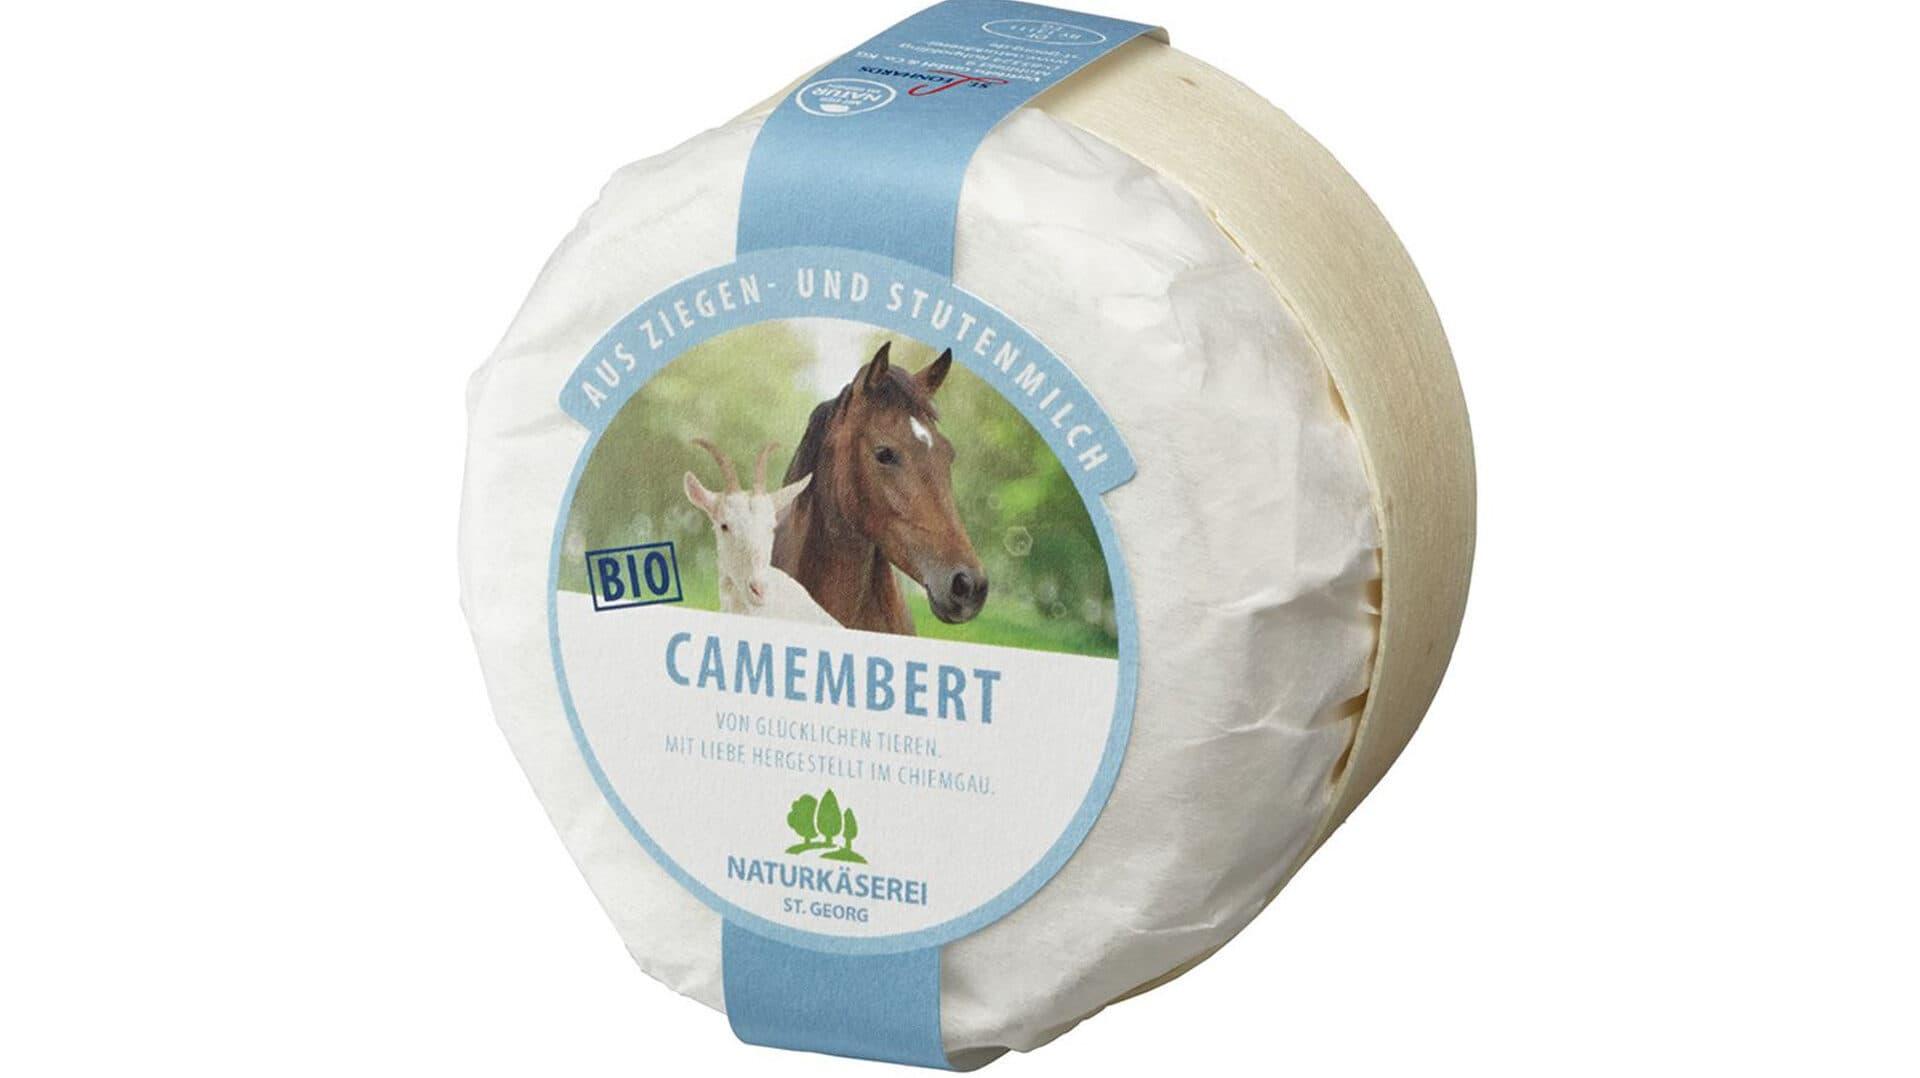 Camembert aus Ziegen- und Stutenmilch